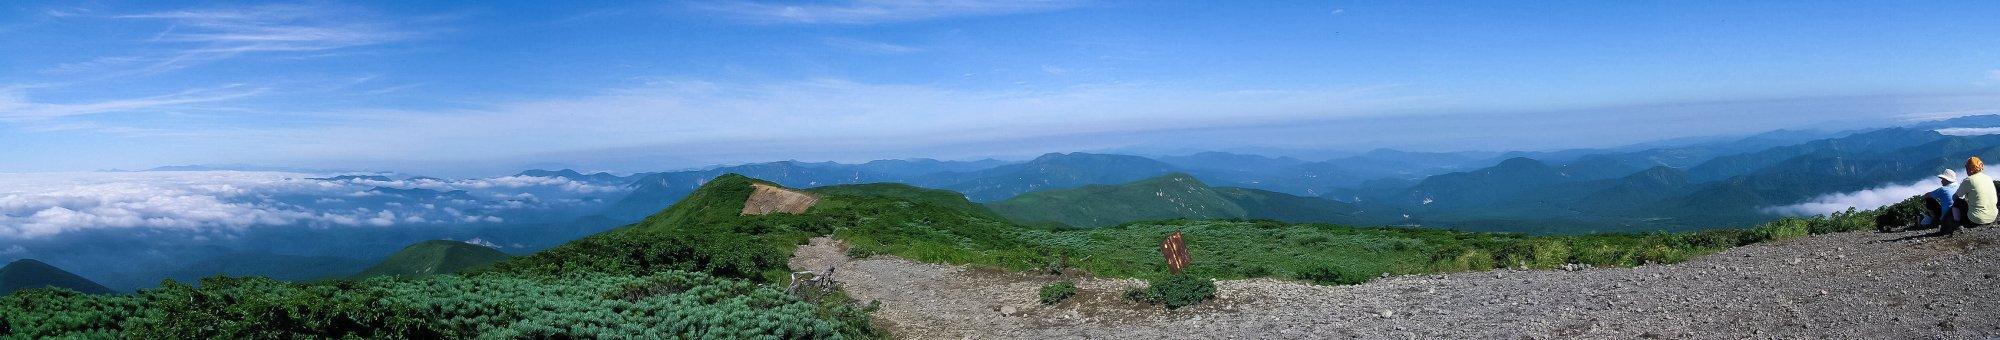 栗駒山山頂のパノラマ_f0044056_645482.jpg